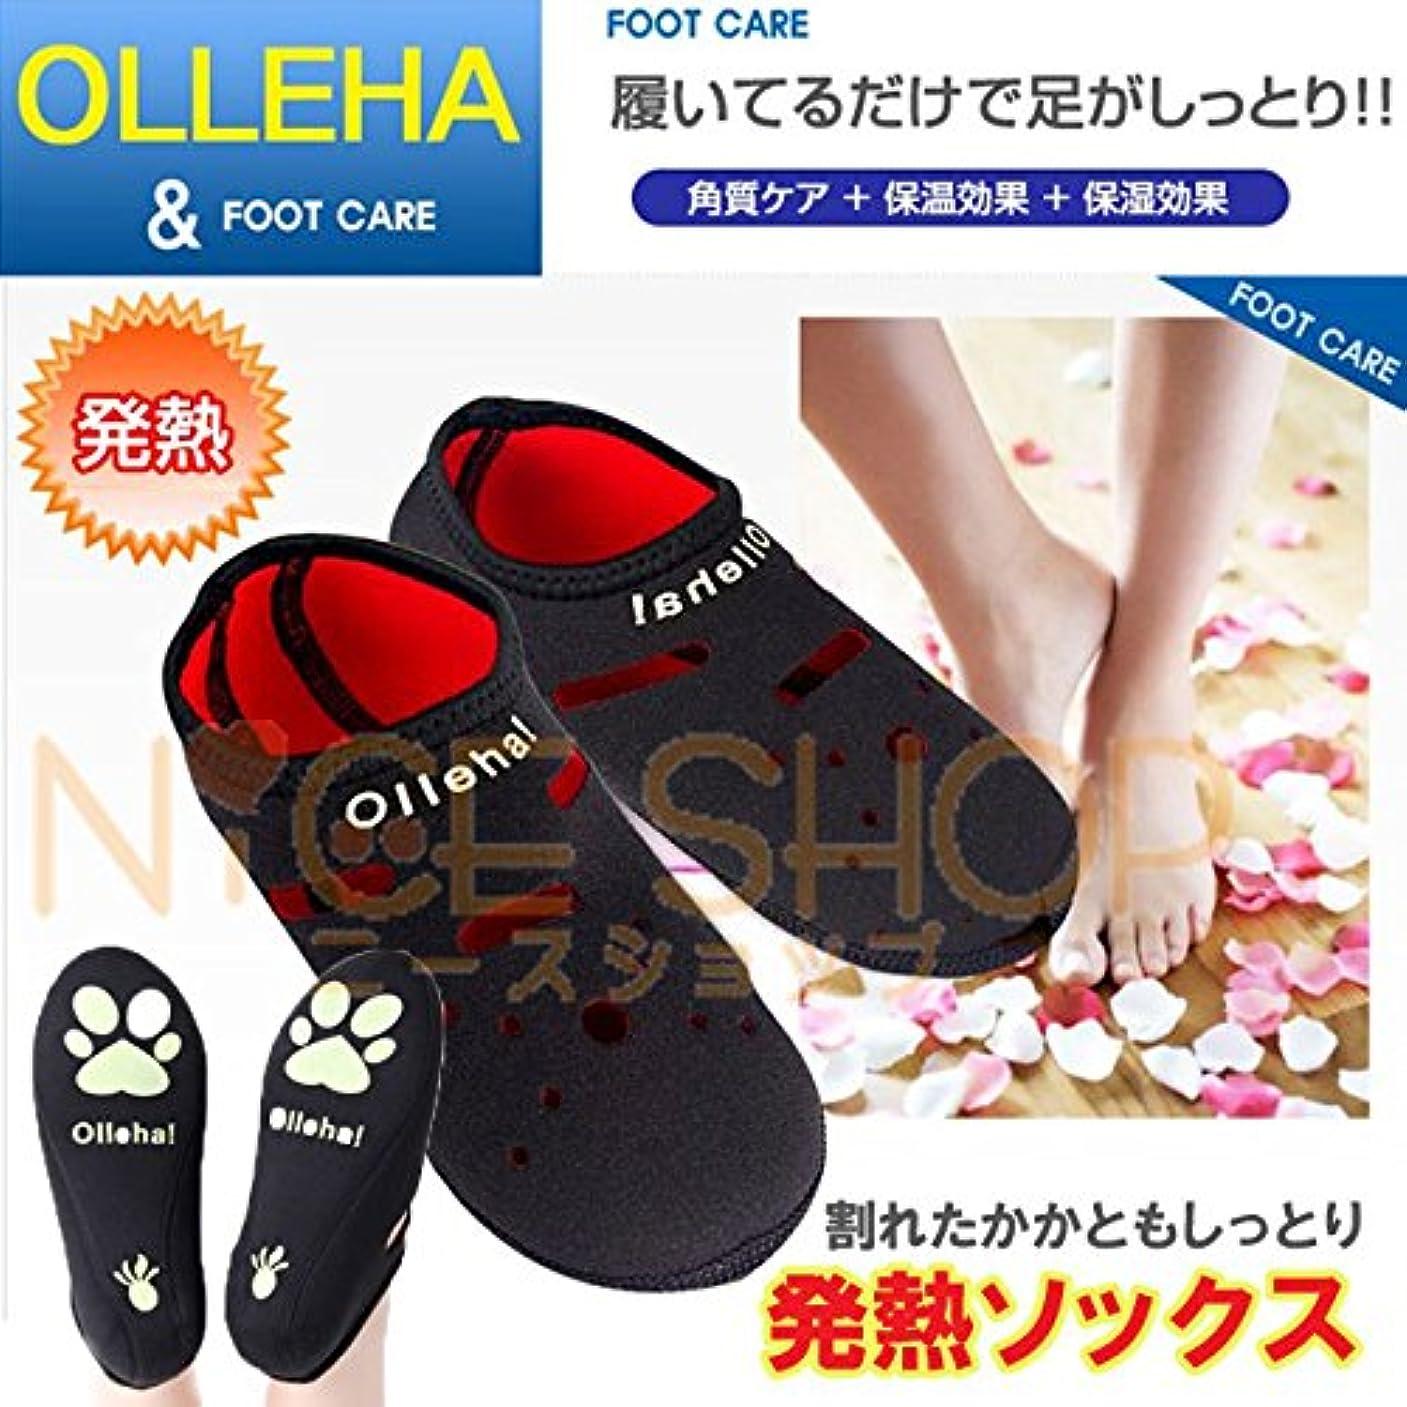 ロゴ解明メルボルン発熱靴下(足袋)発熱ソックス、フットケアー Olleha! (S(22.0~23.0))